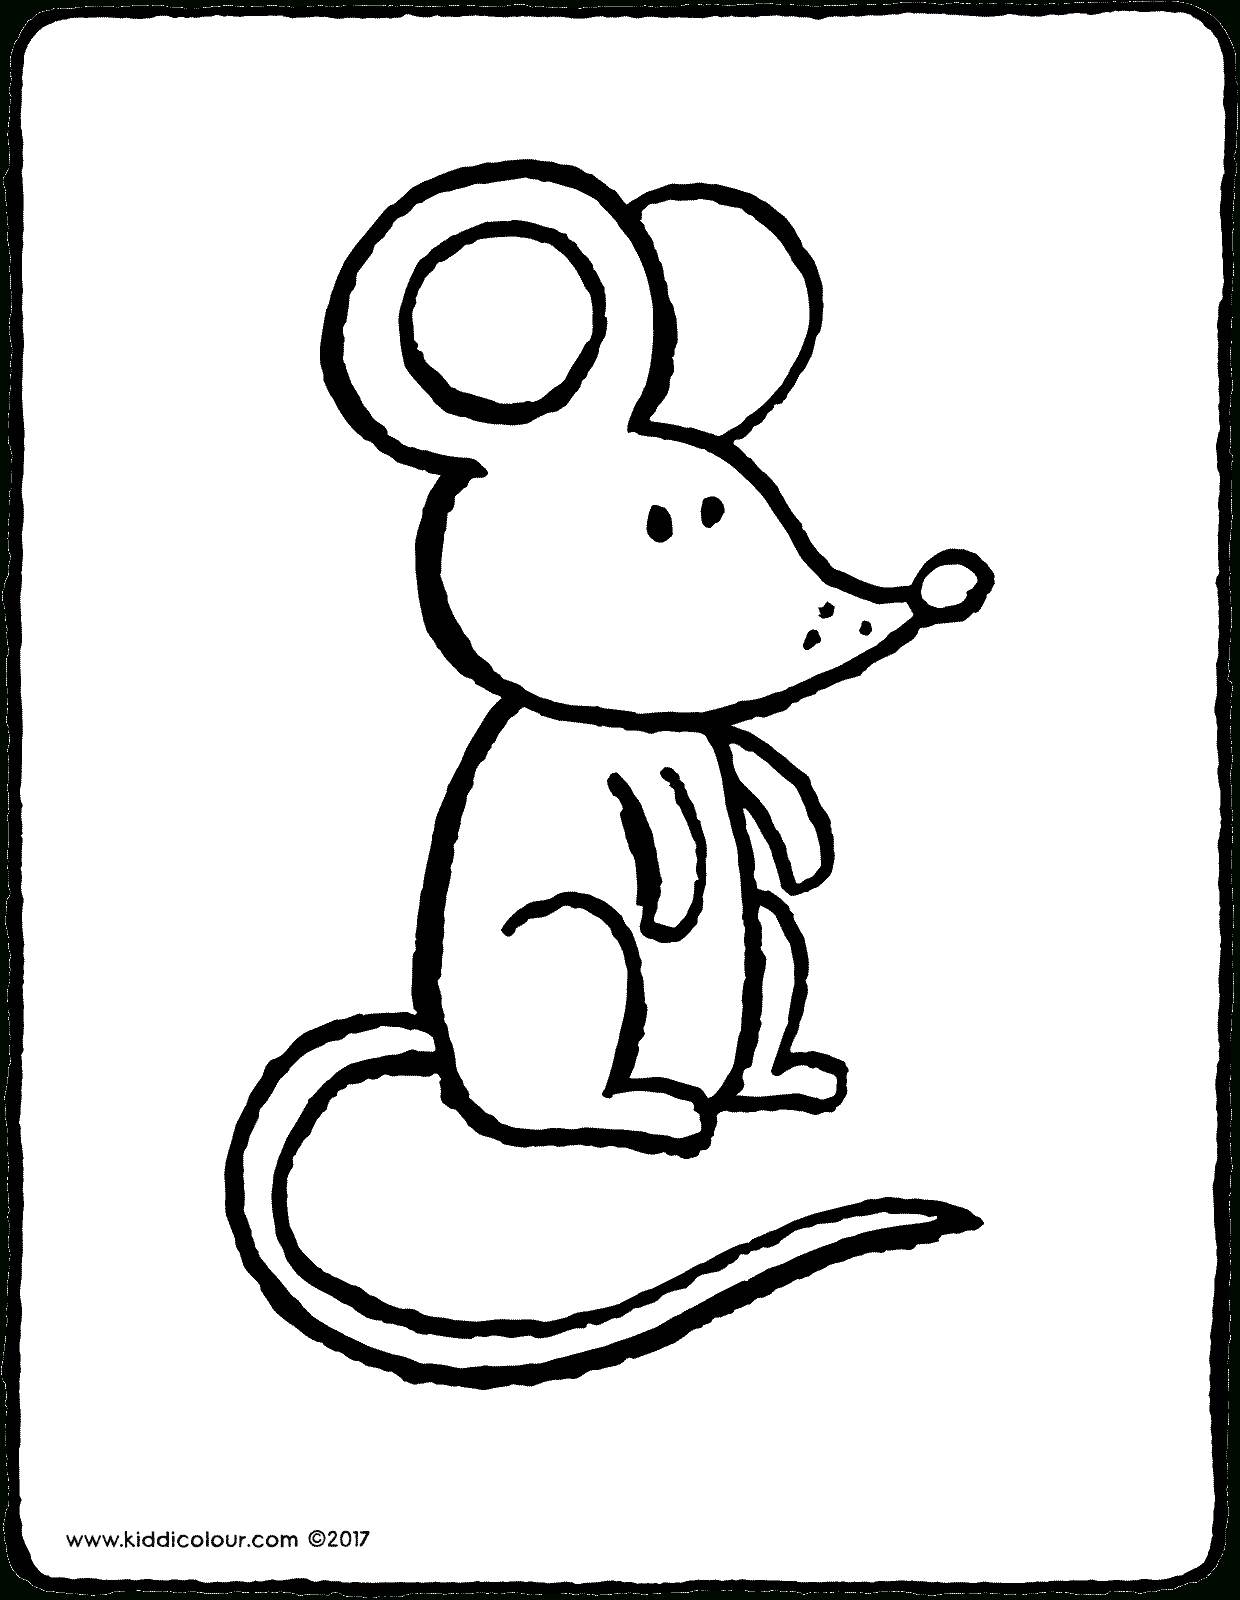 Maus - Kiddimalseite mit Ausmalbilder Die Maus